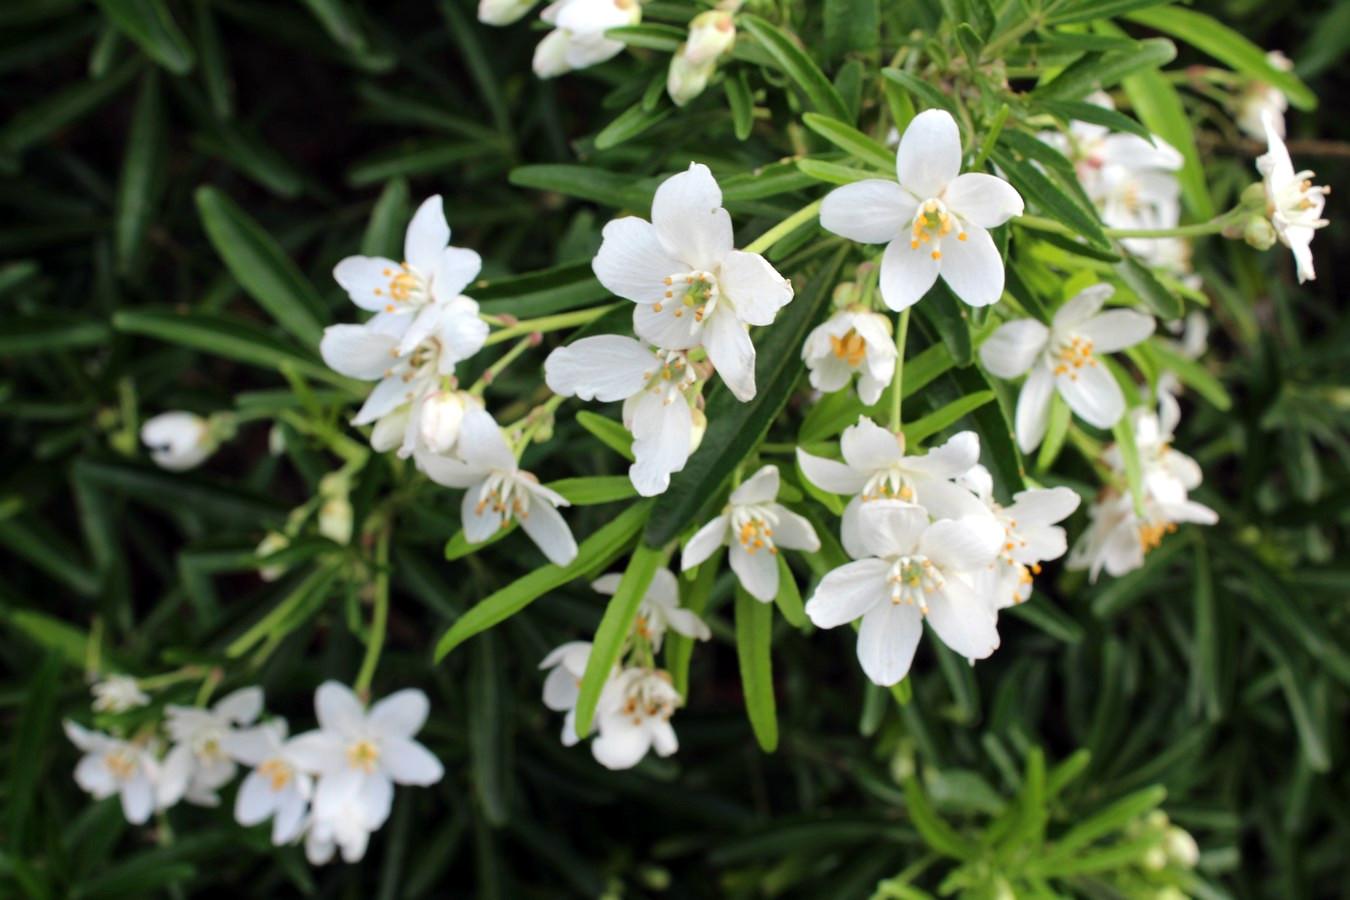 [Fil ouvert] Fleurs et plantes - Page 8 886772064Copier